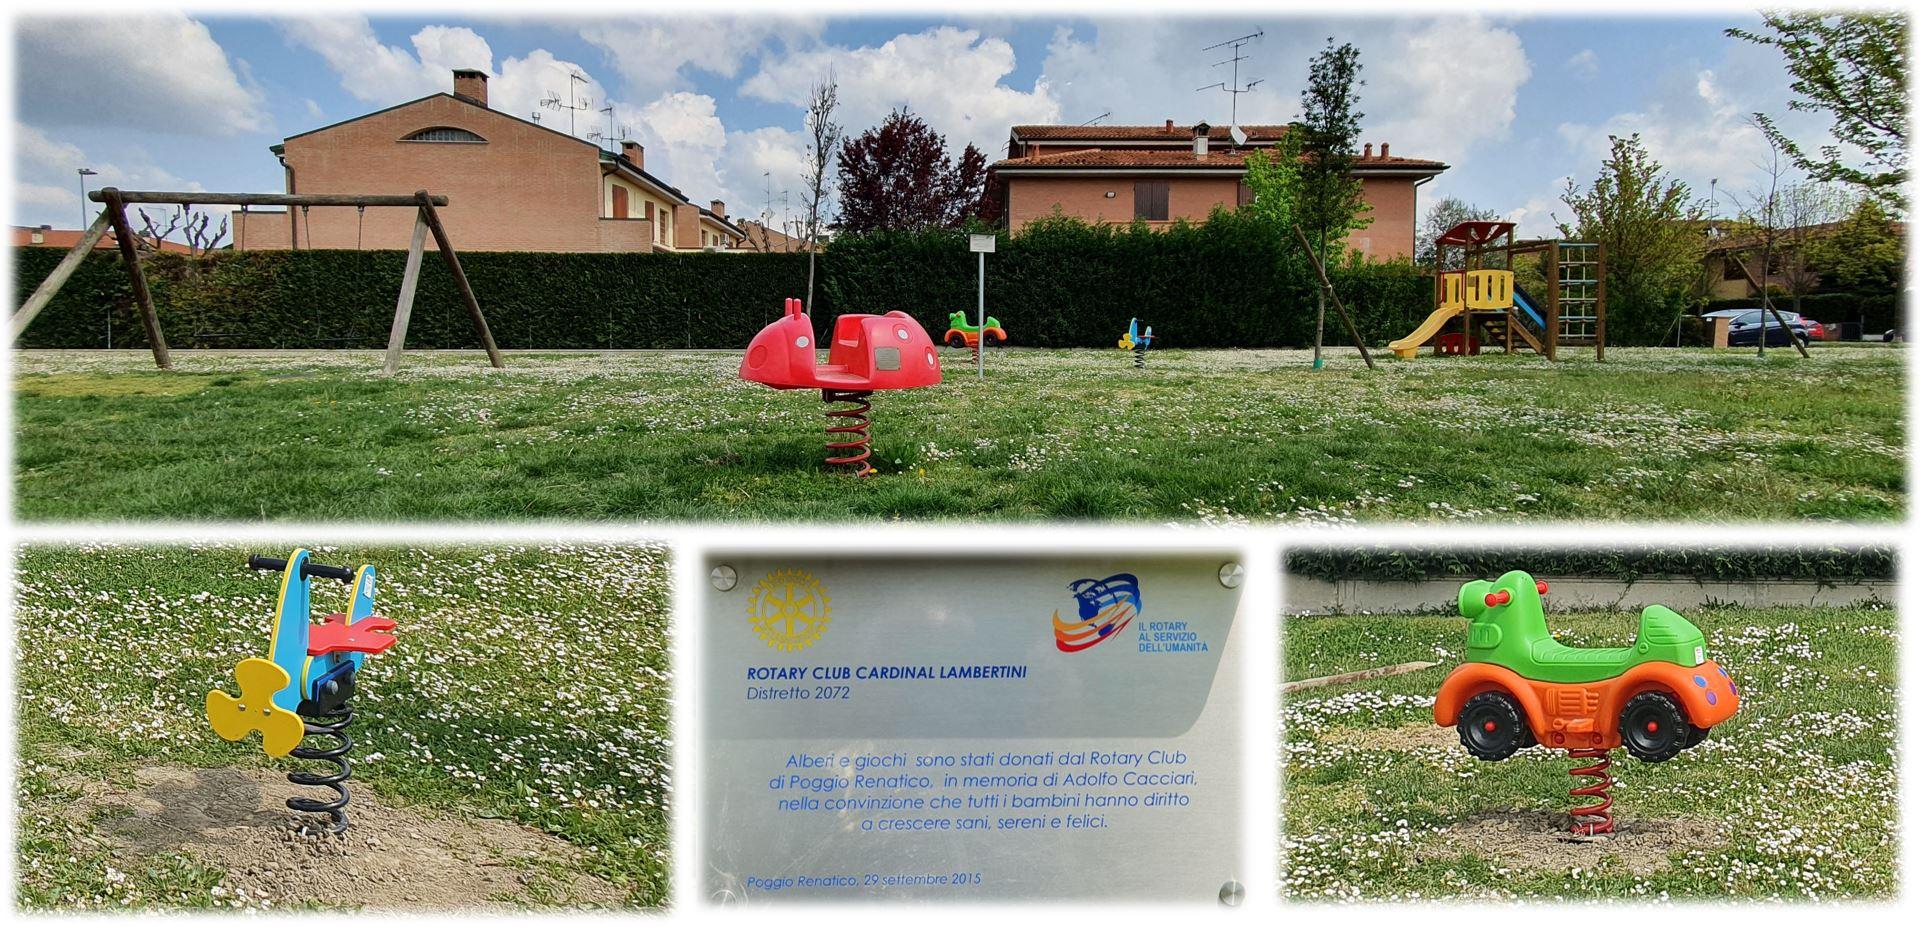 GIOCHI A MOLLA nel parco di via Nenni/Einaudi